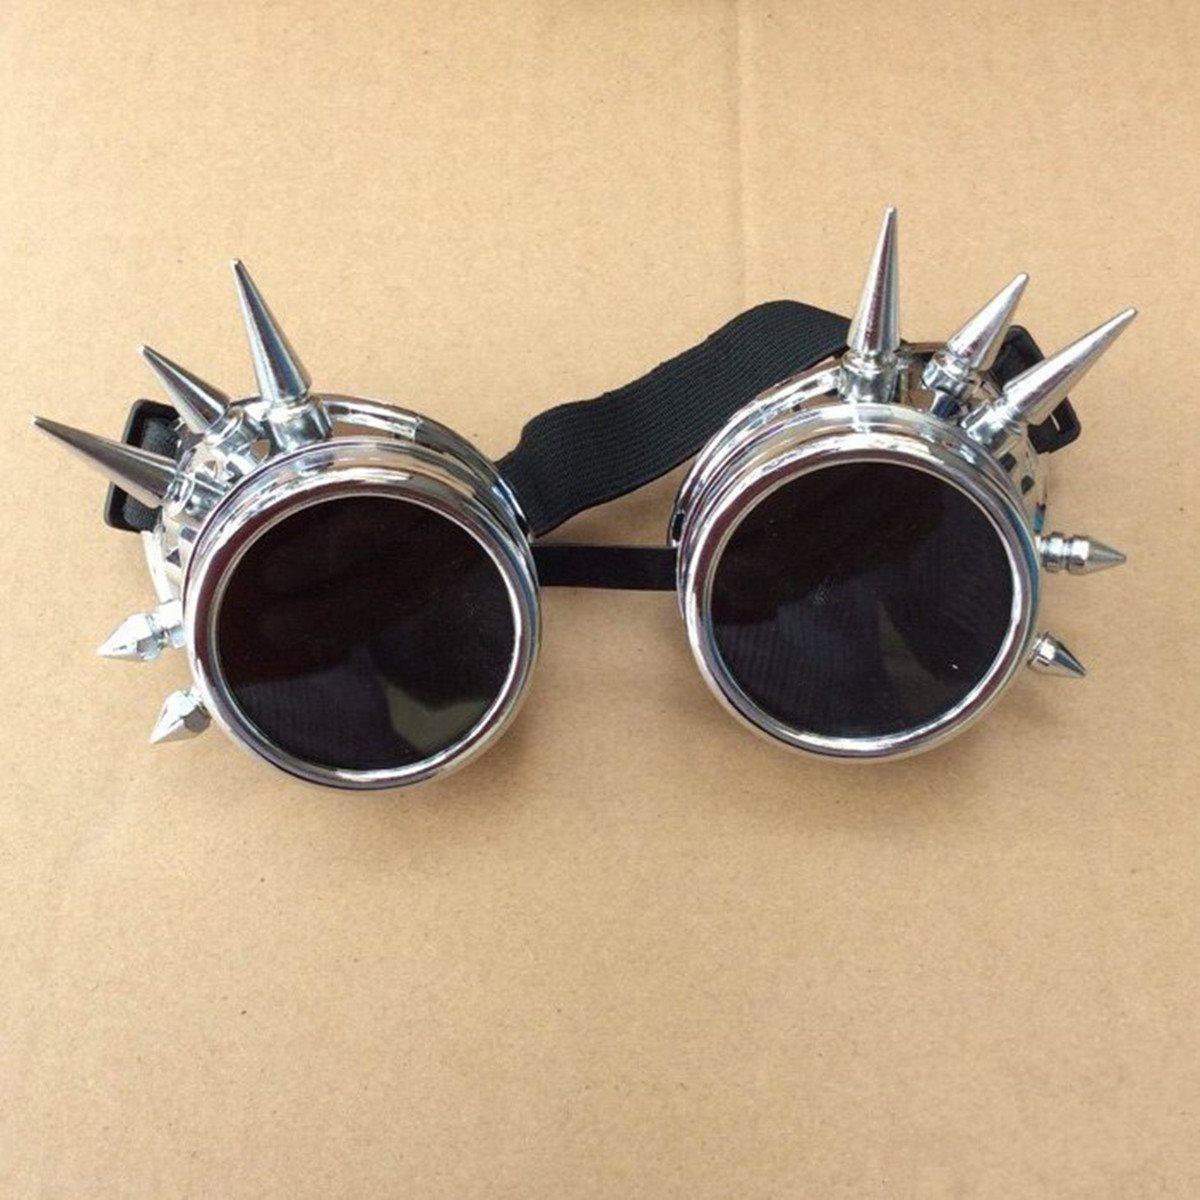 Модные Серебристые стимпанк очки Spikey Burning Man костюм Косплэй готический панк Защитные очки ...